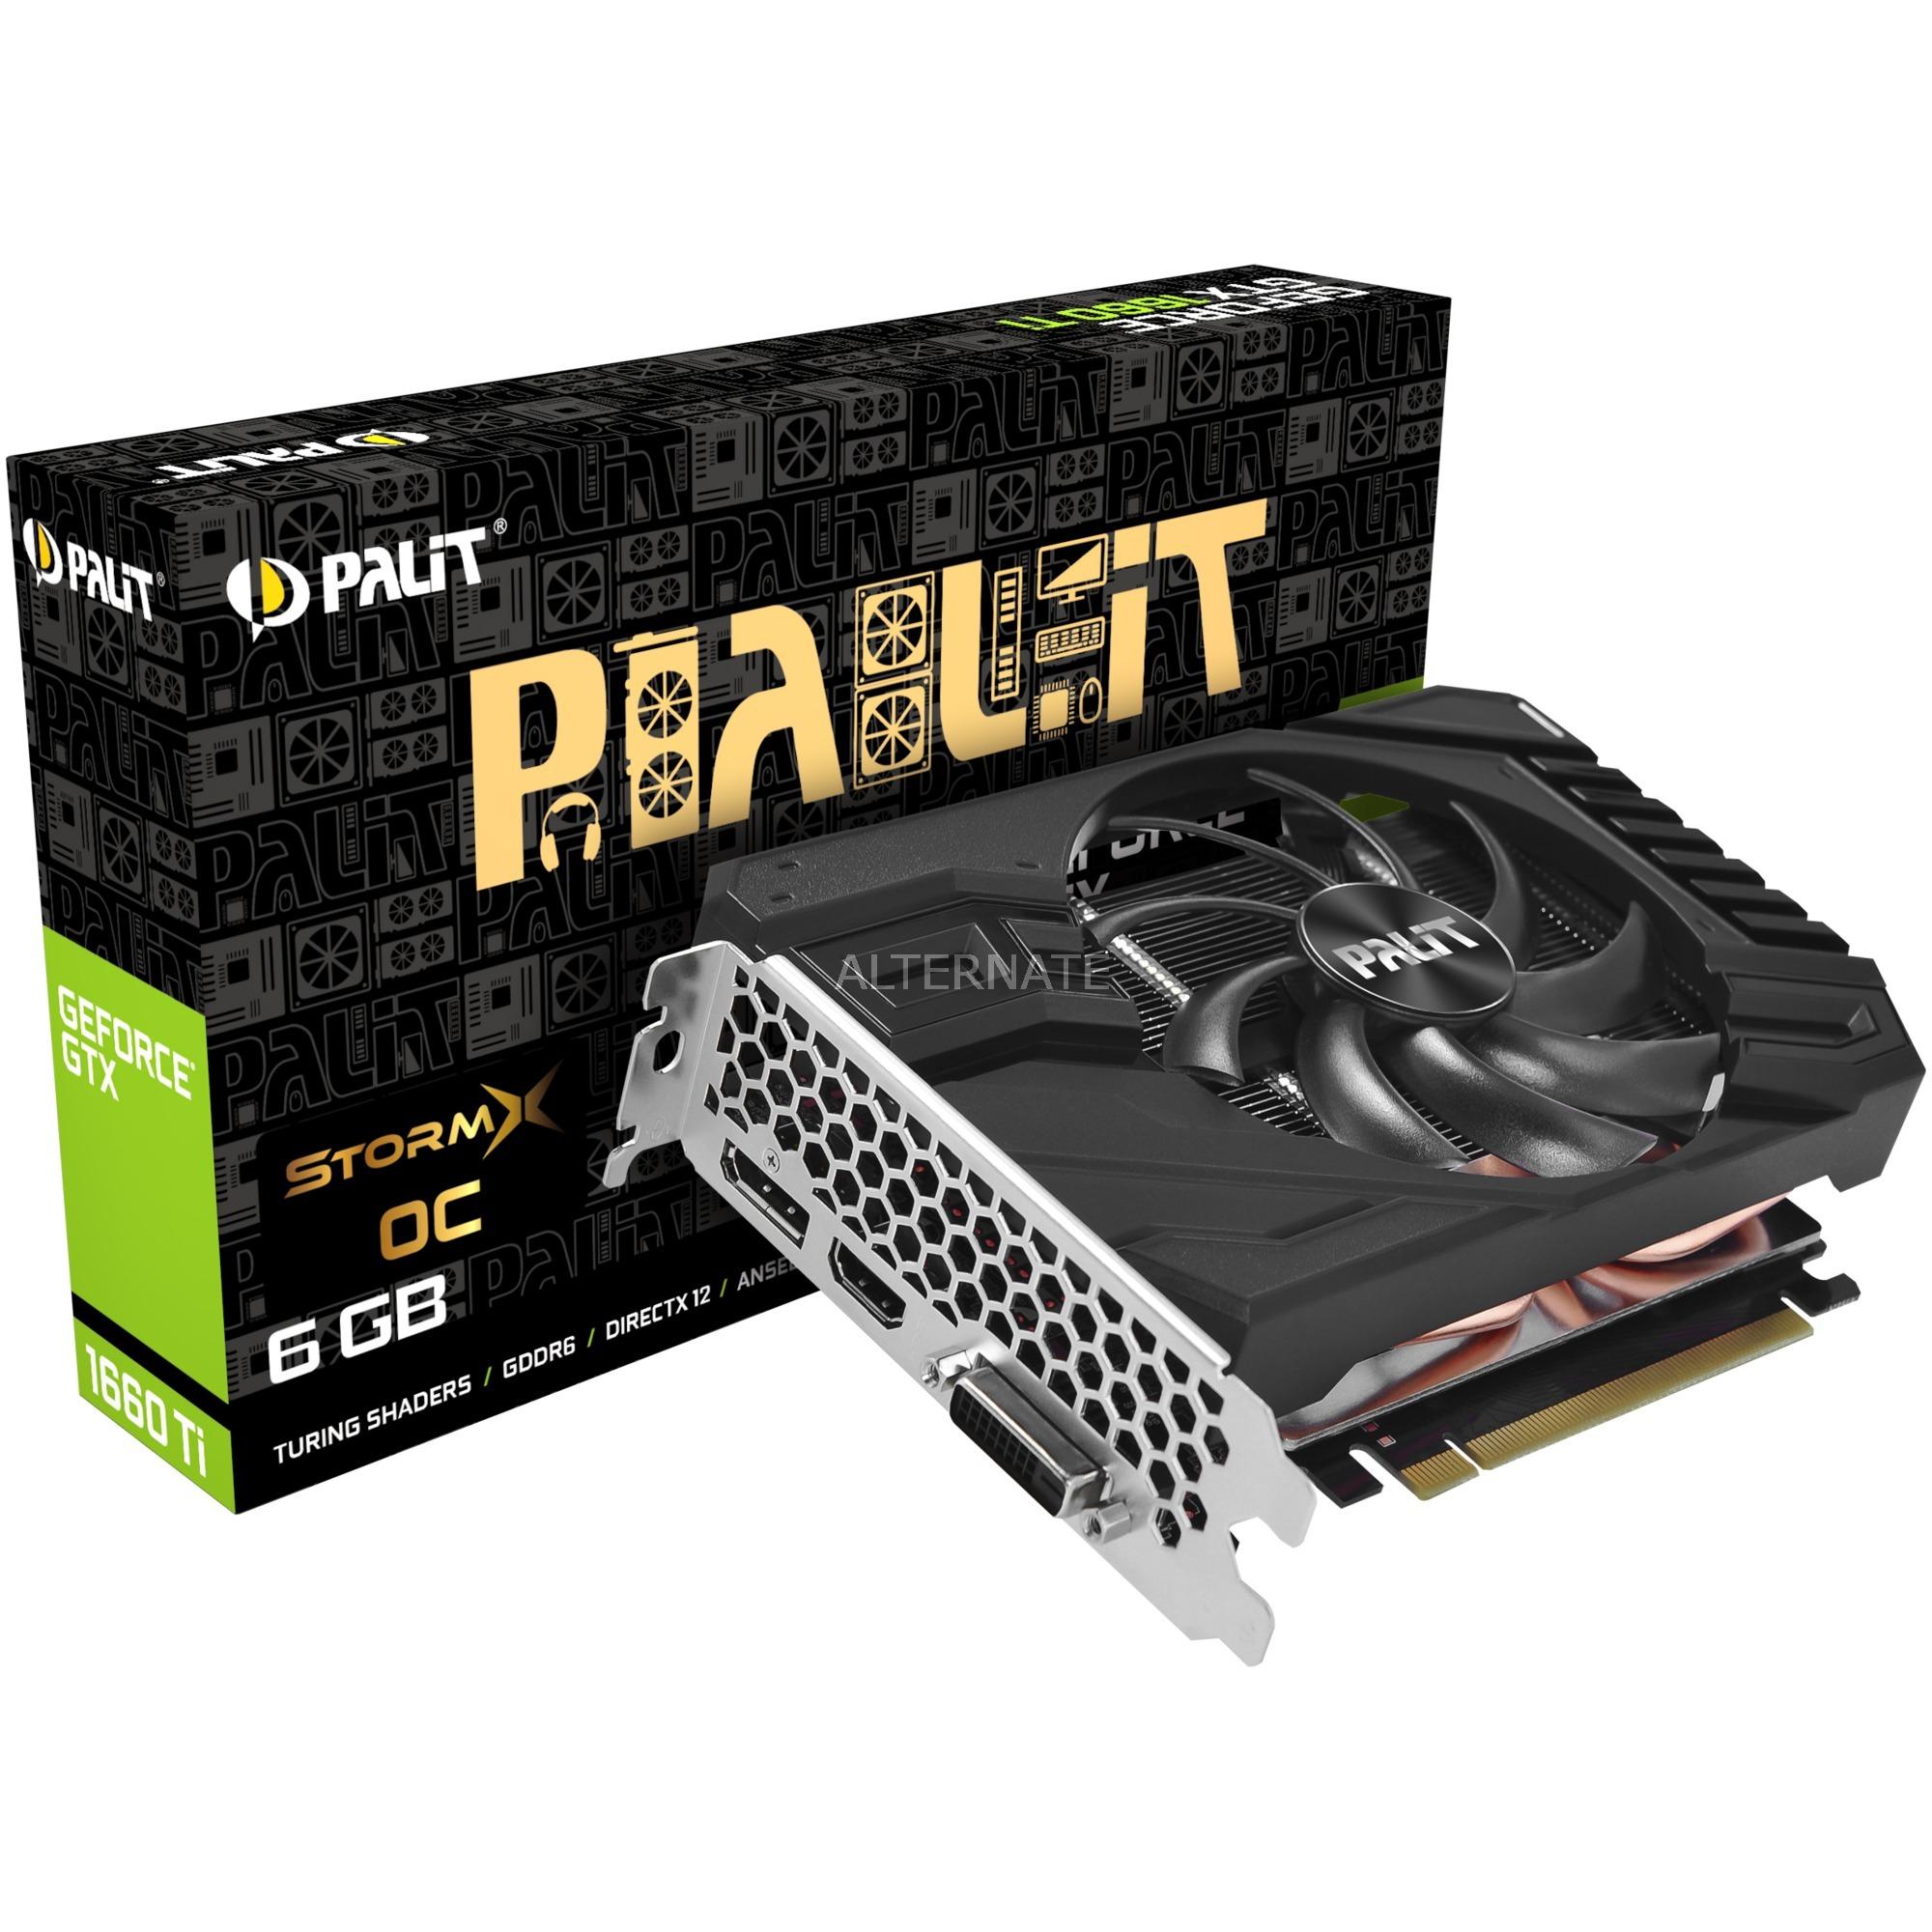 NE6166TS18J9-161F tarjeta gráfica GeForce GTX 1660 Ti 6 GB GDDR6